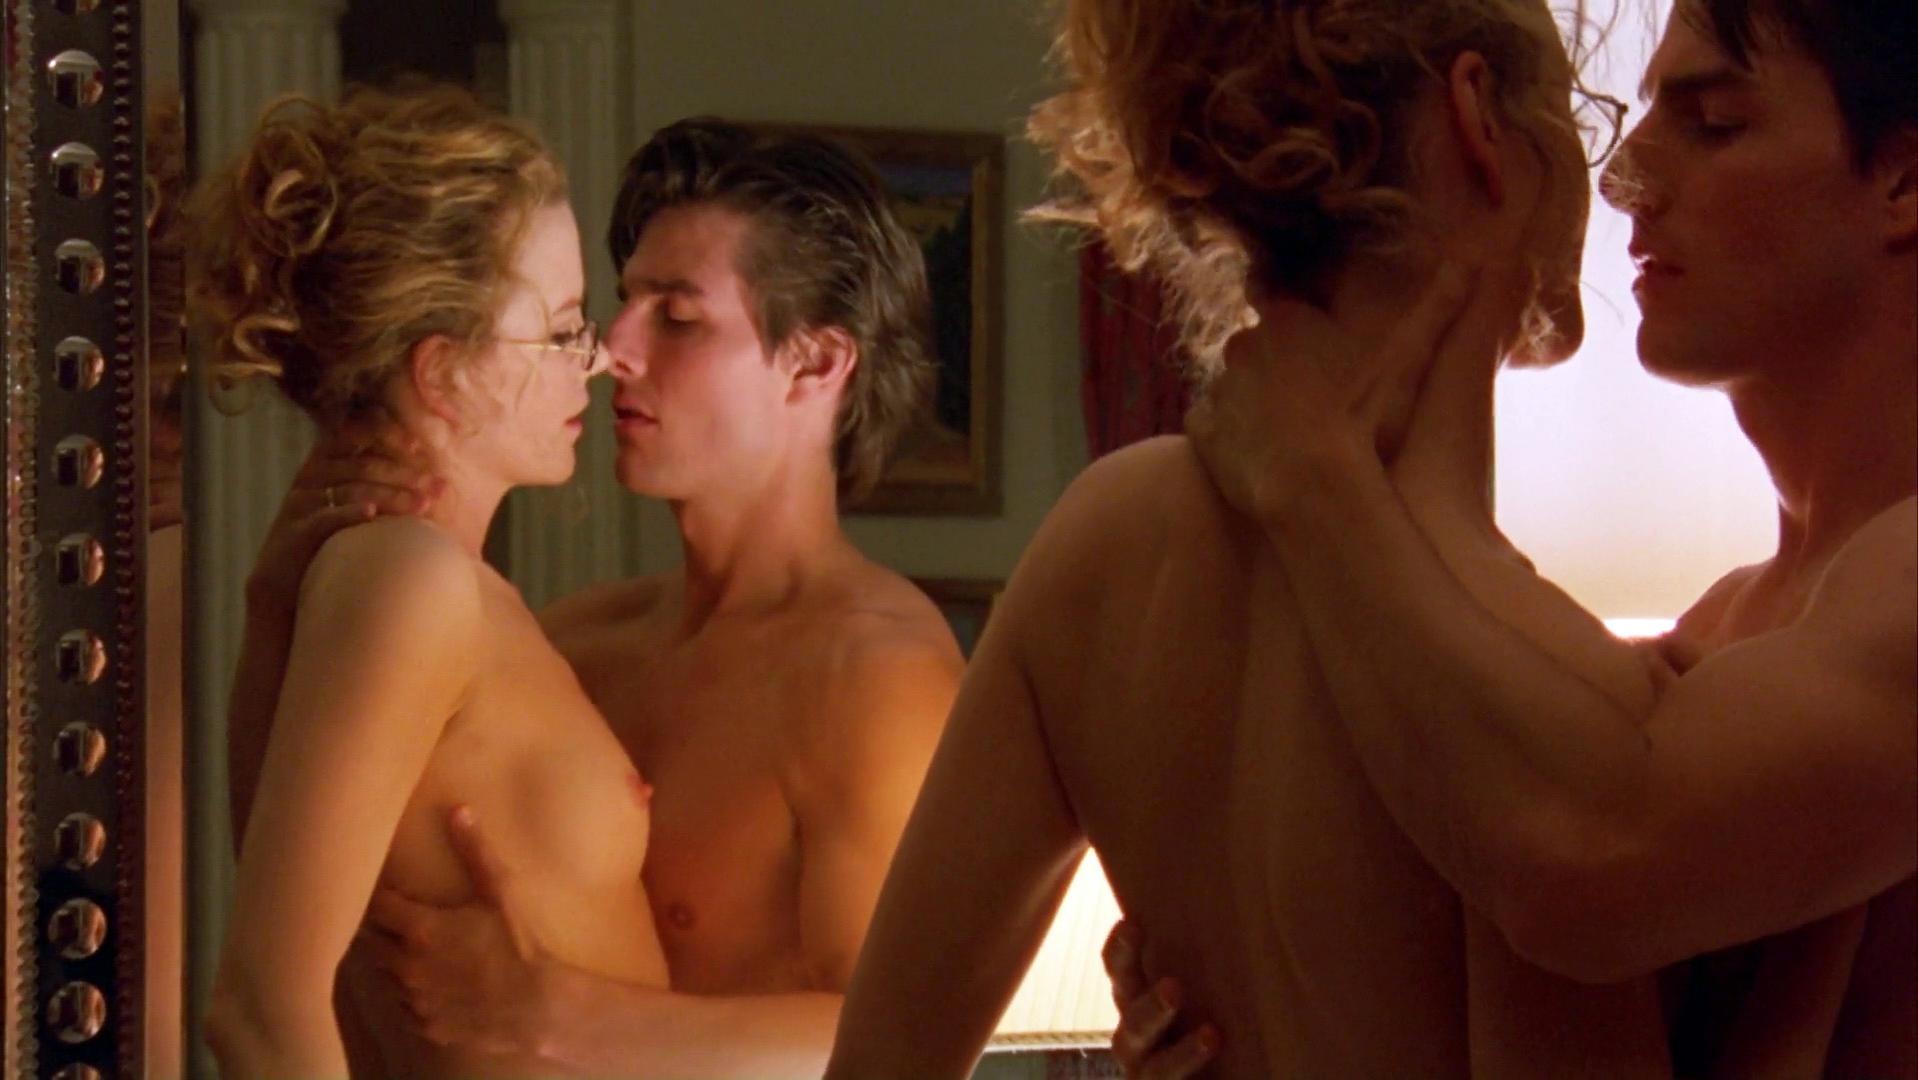 самые эротические сцены в фильмах смотреть онлайн кино фильмы онлайн